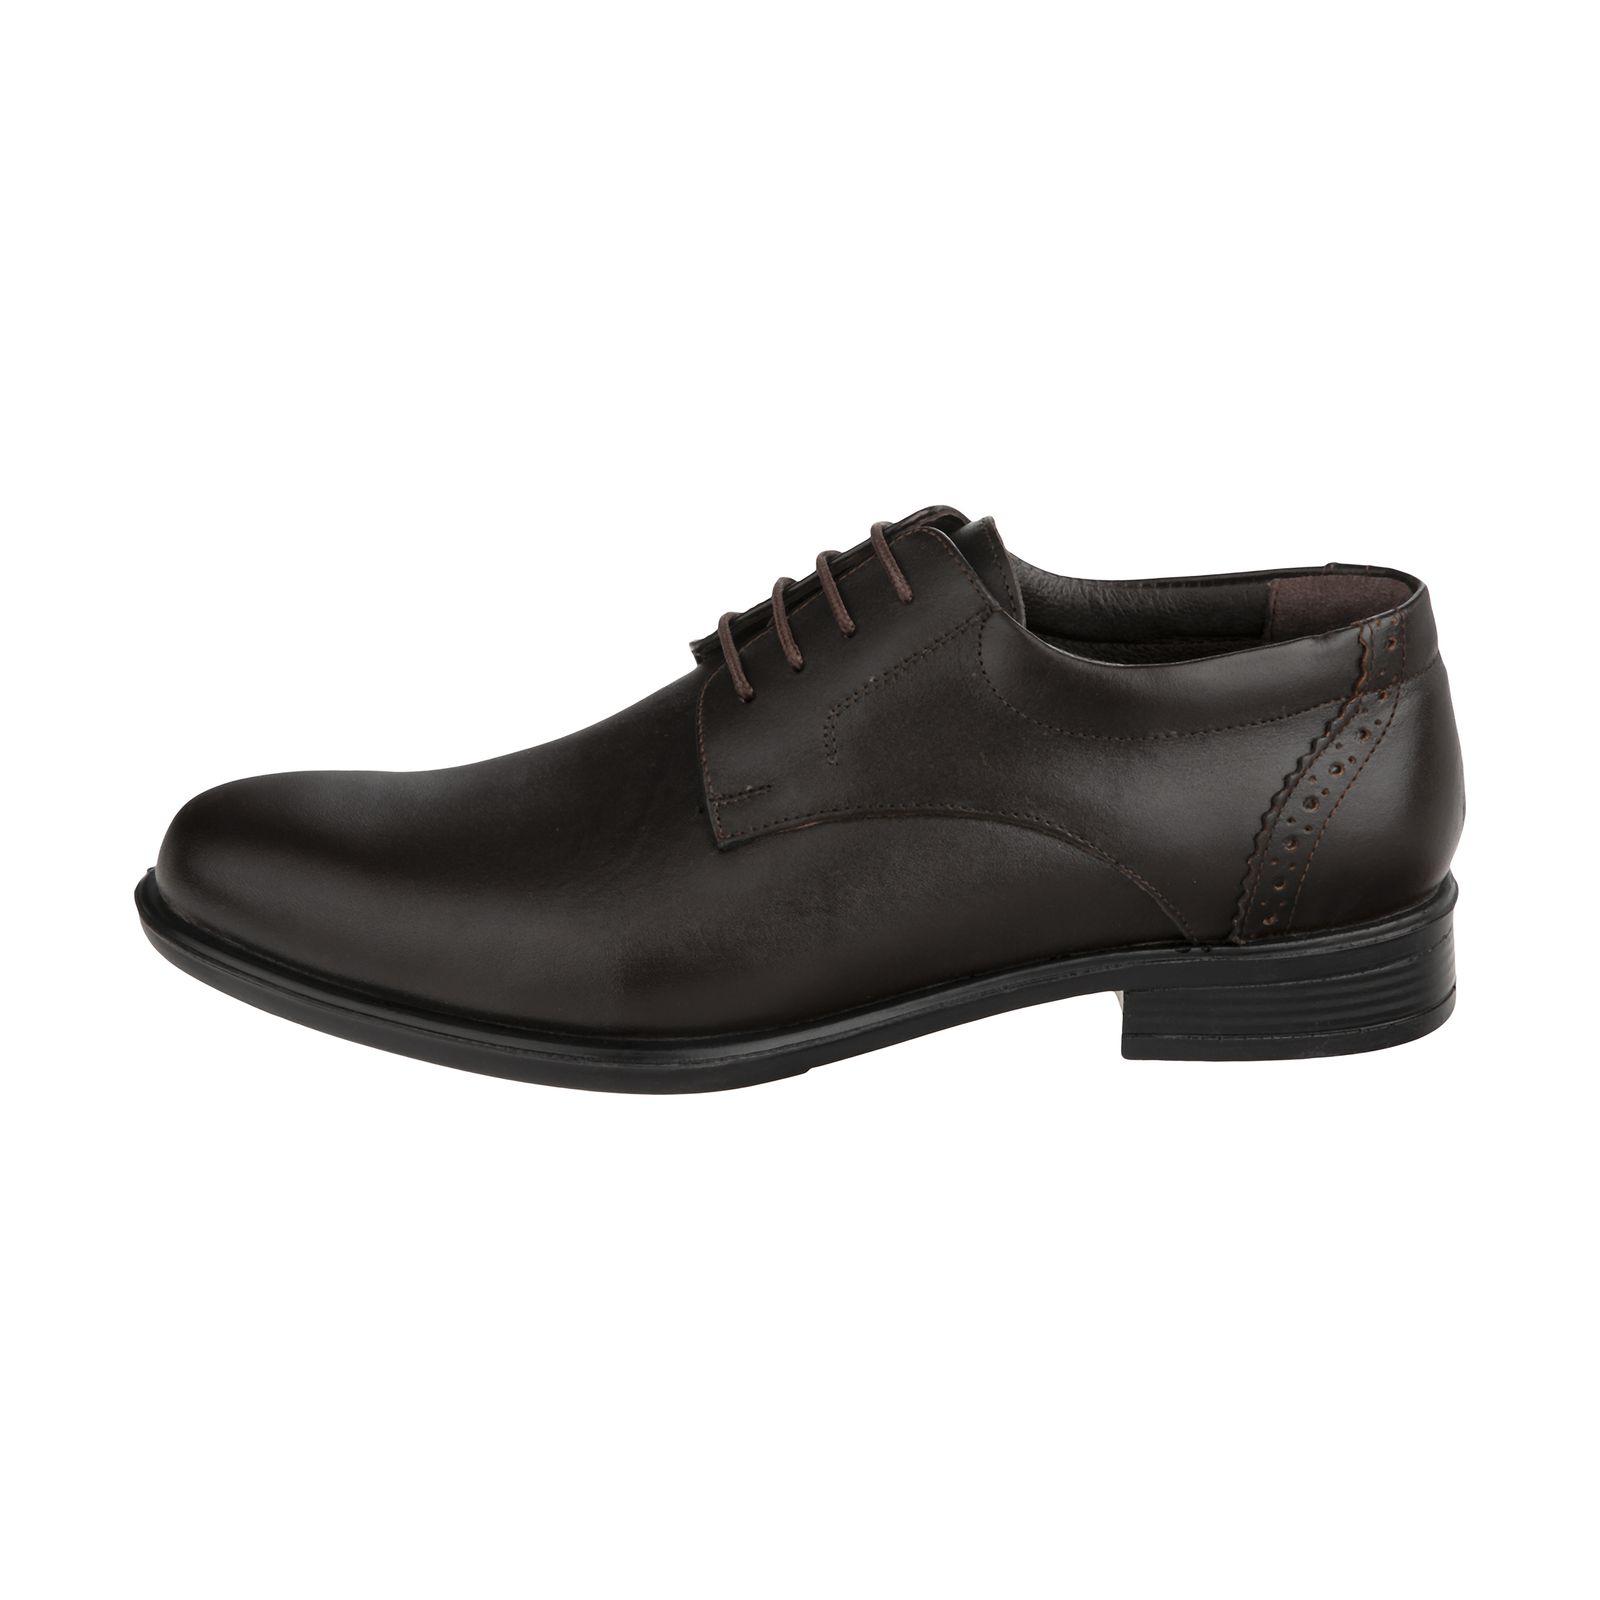 کفش مردانه بلوط مدل 7297A503104 -  - 2